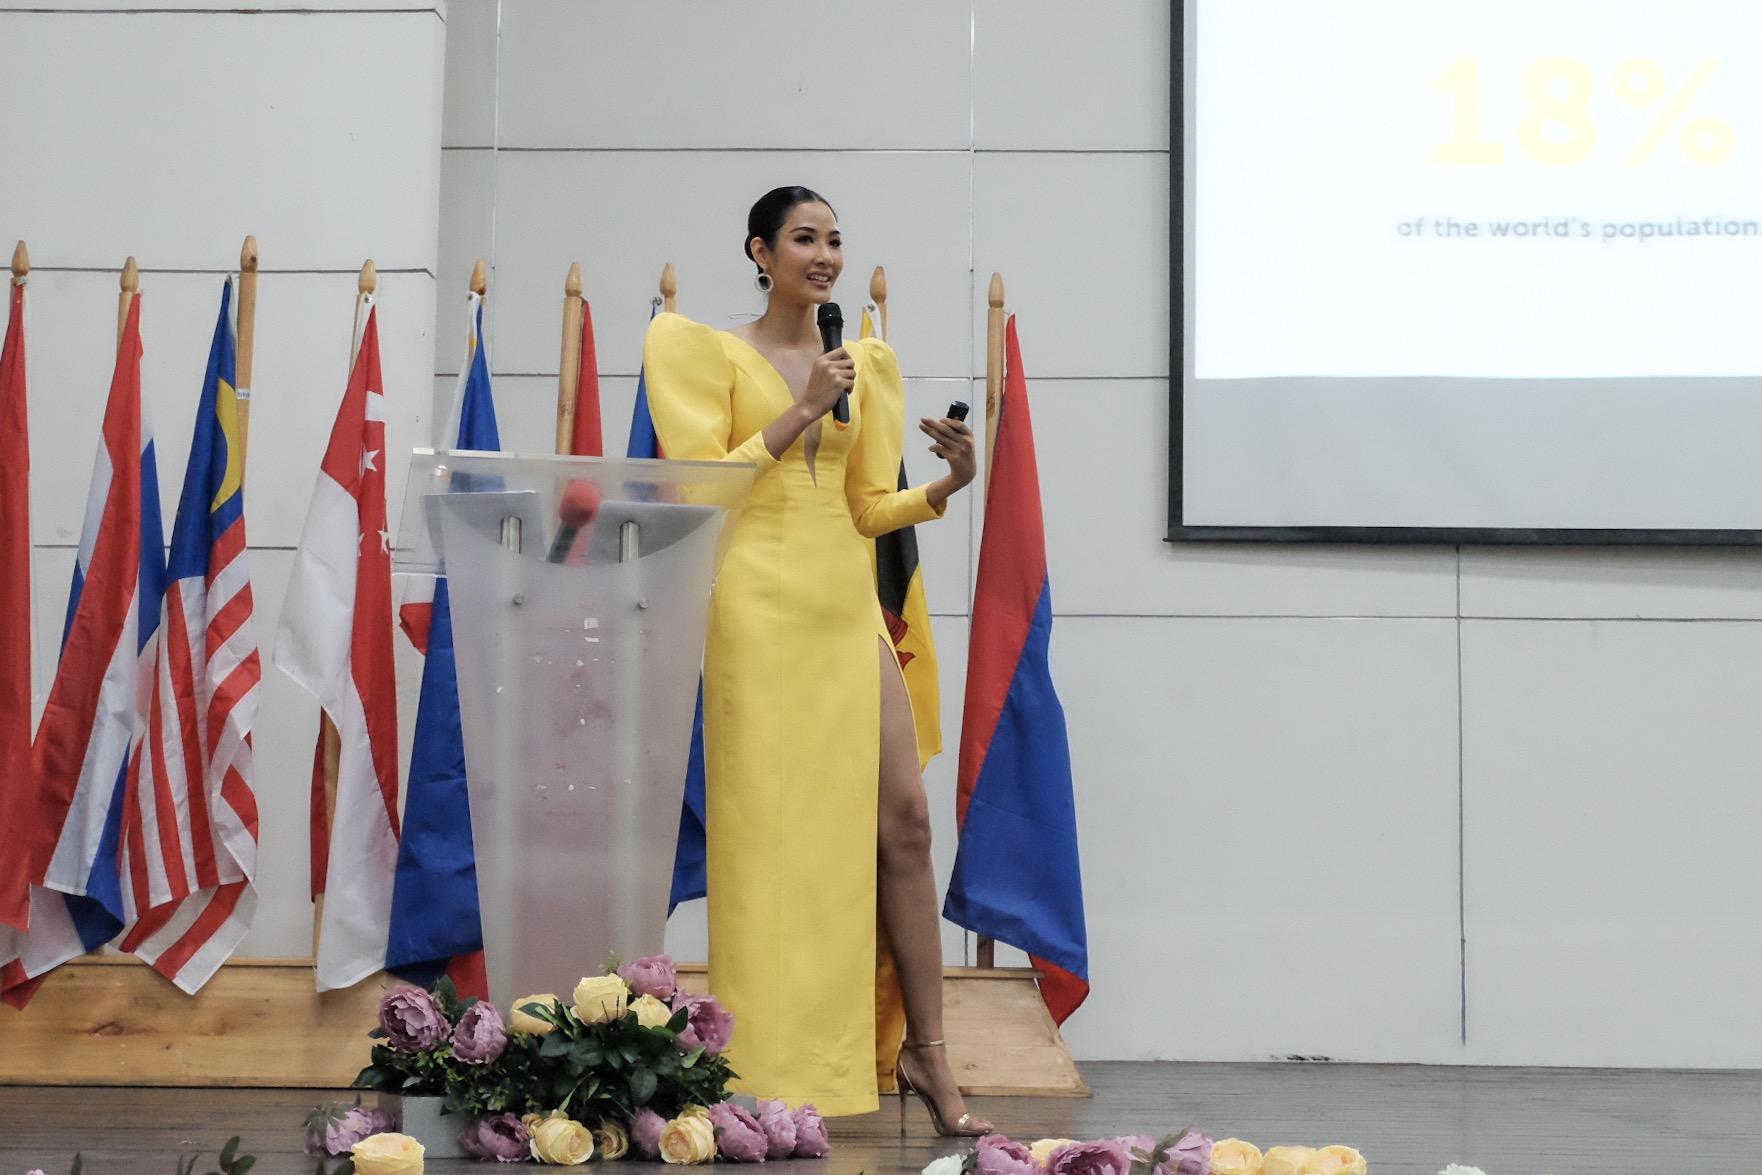 Á hậu Hoàng Thùy liên tục gây ấn tượng mạnh tại Philippines - Ảnh 2